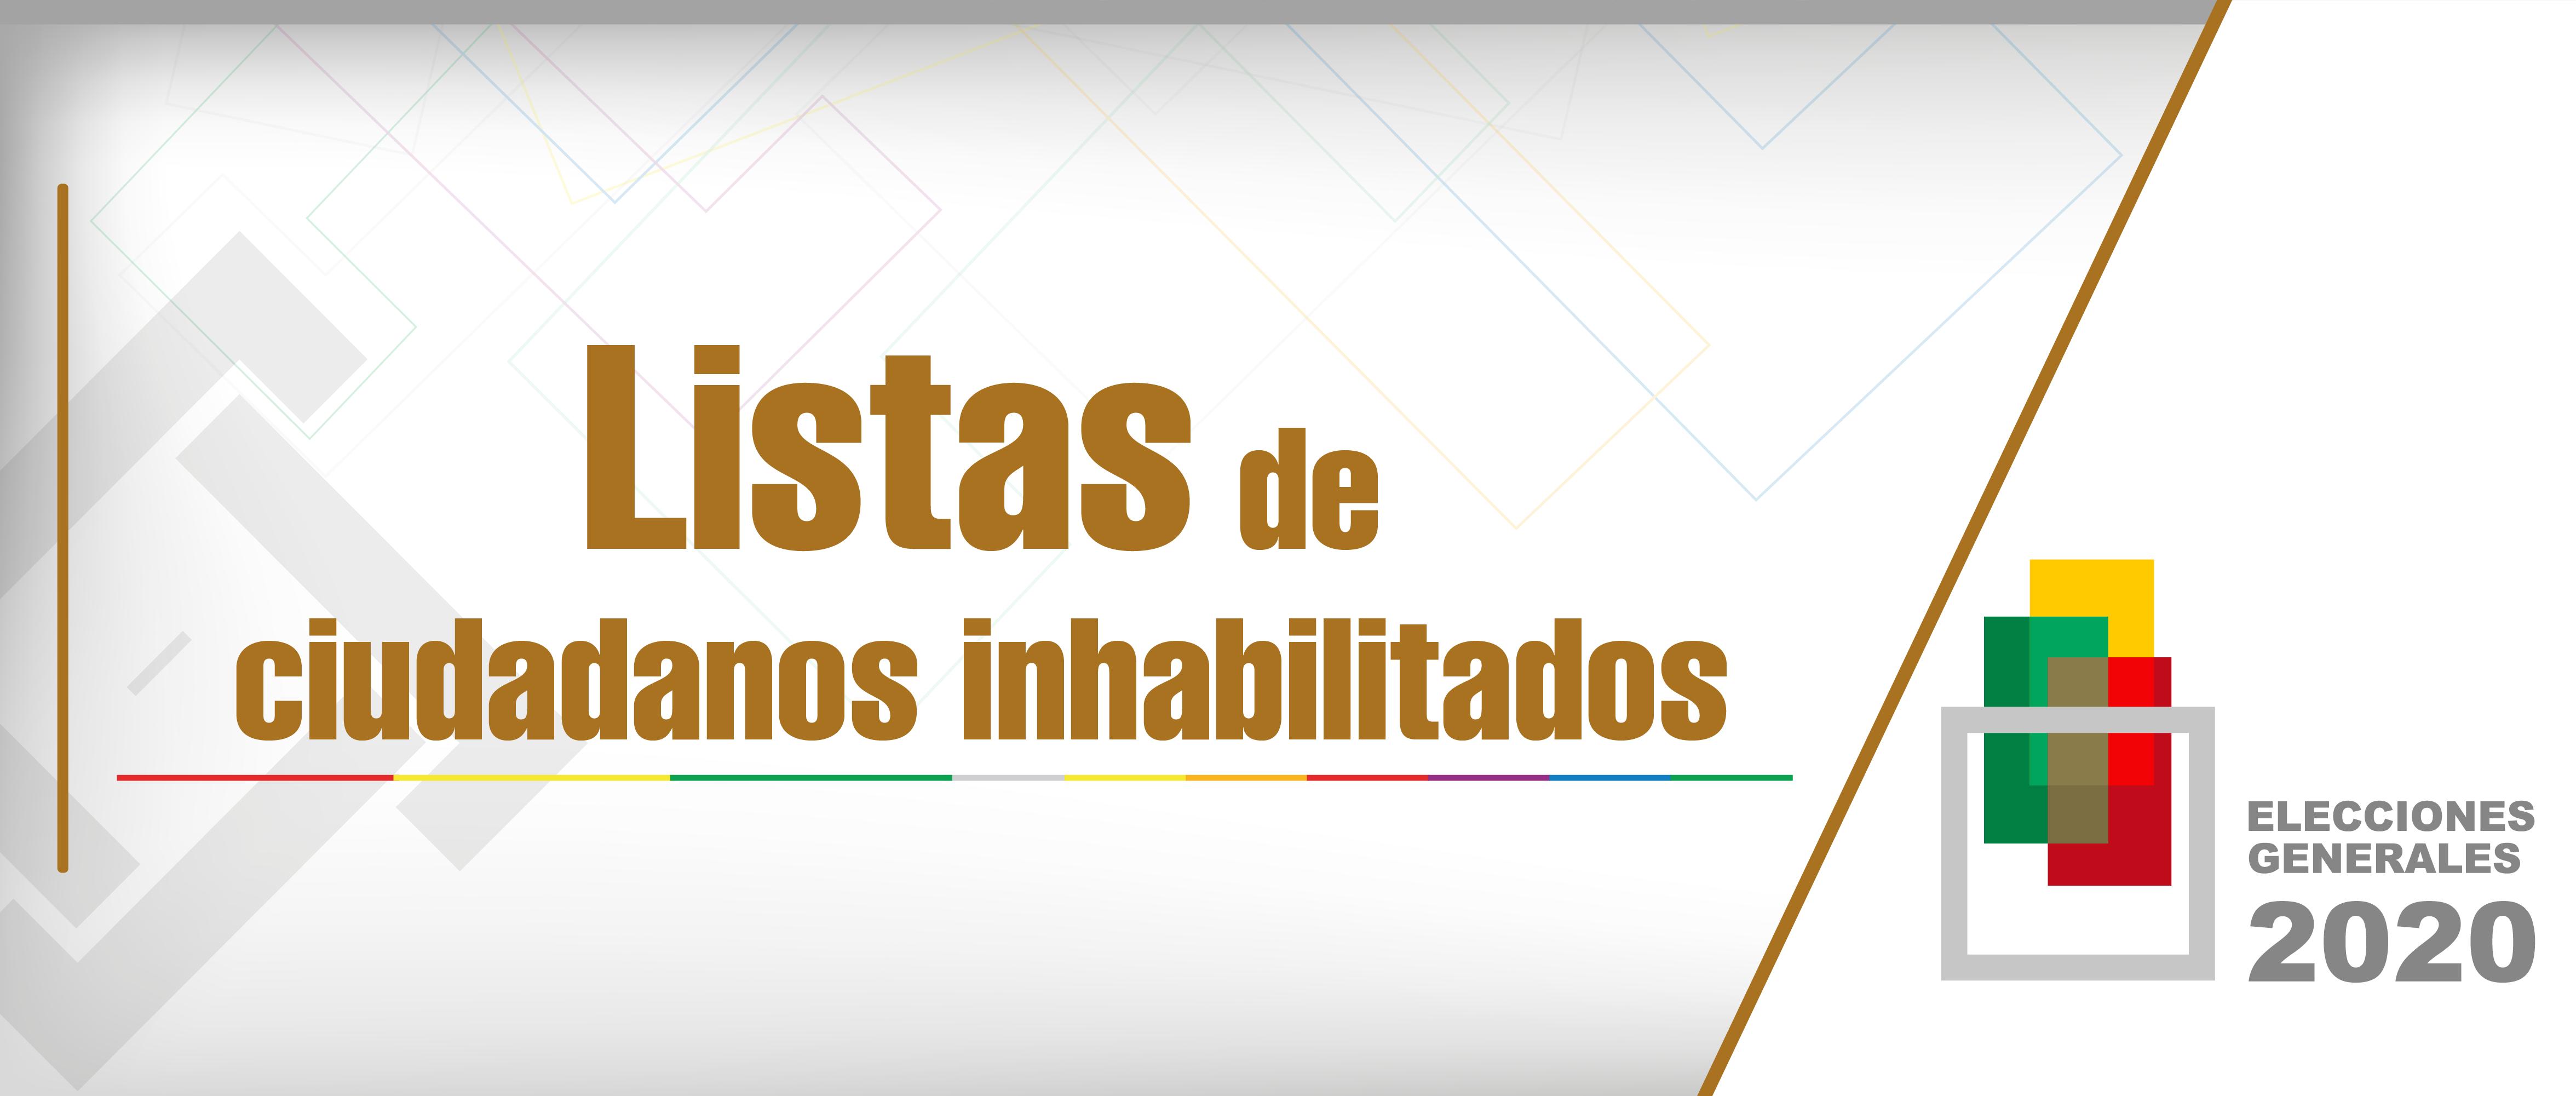 slider_inhabilitados_EG_2020